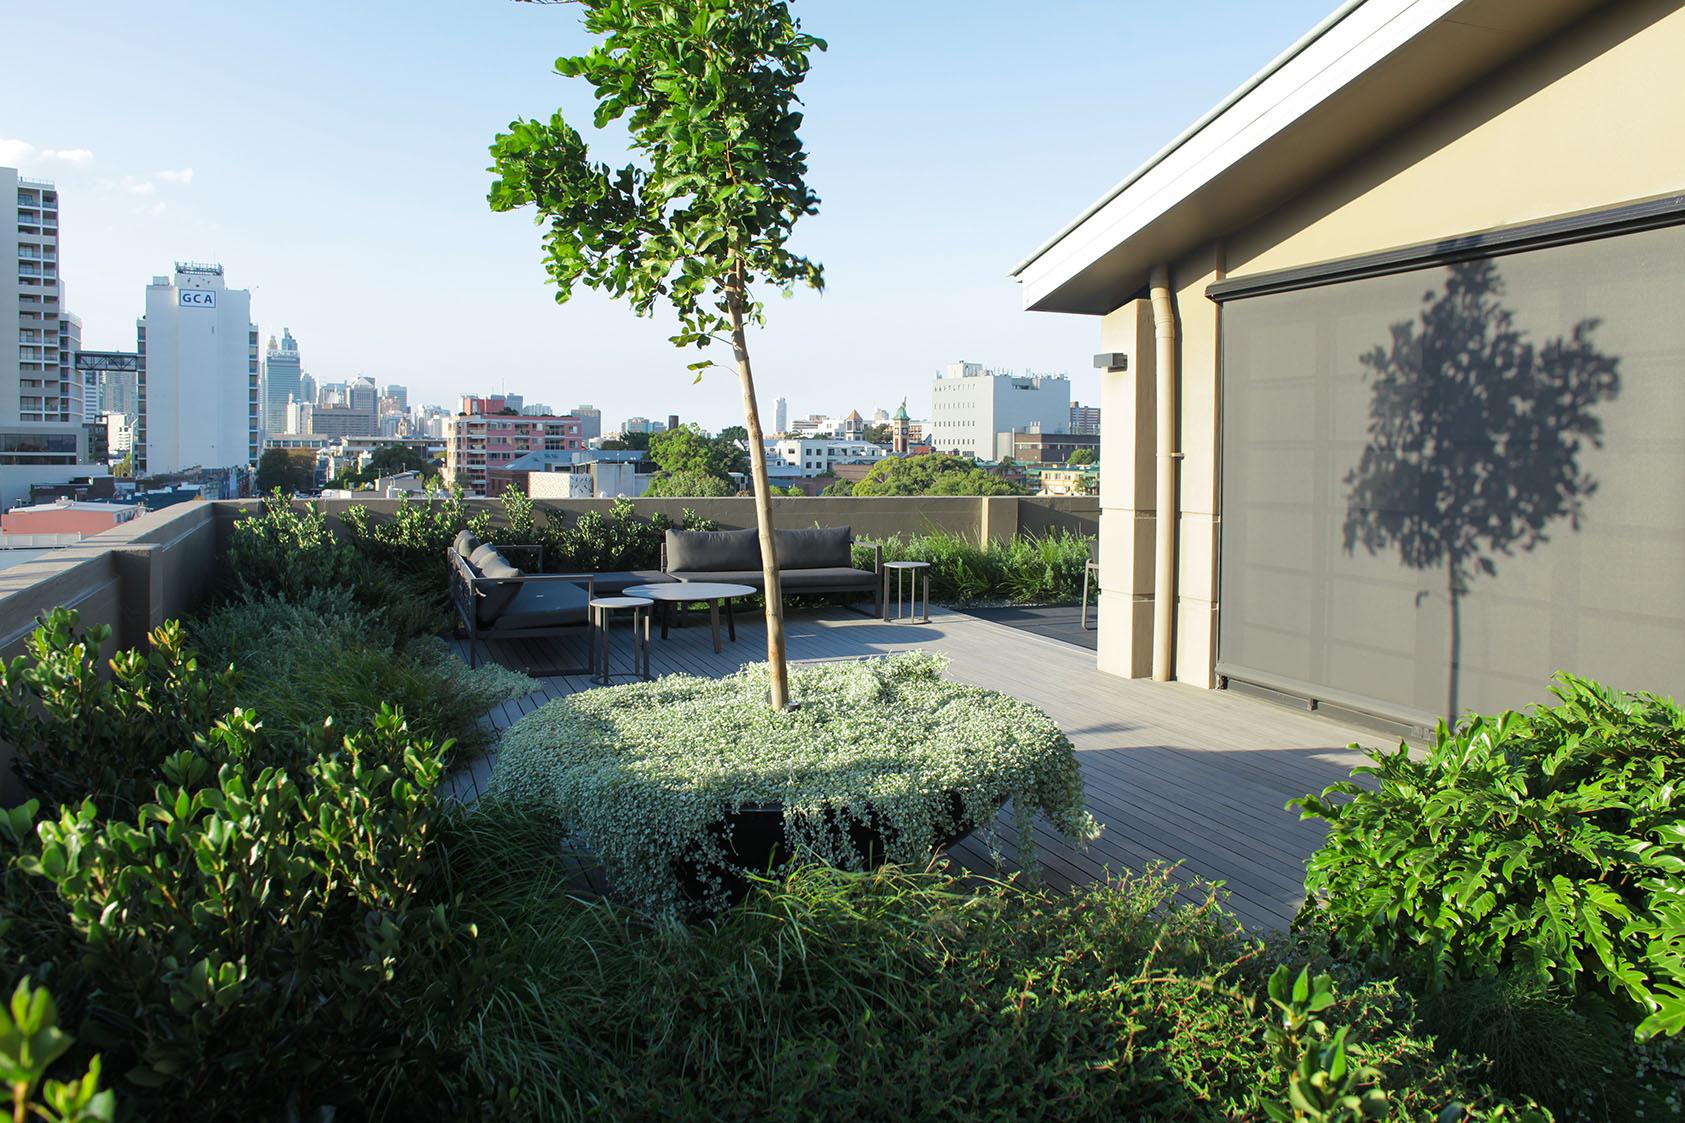 rooftop garden#courtyard#